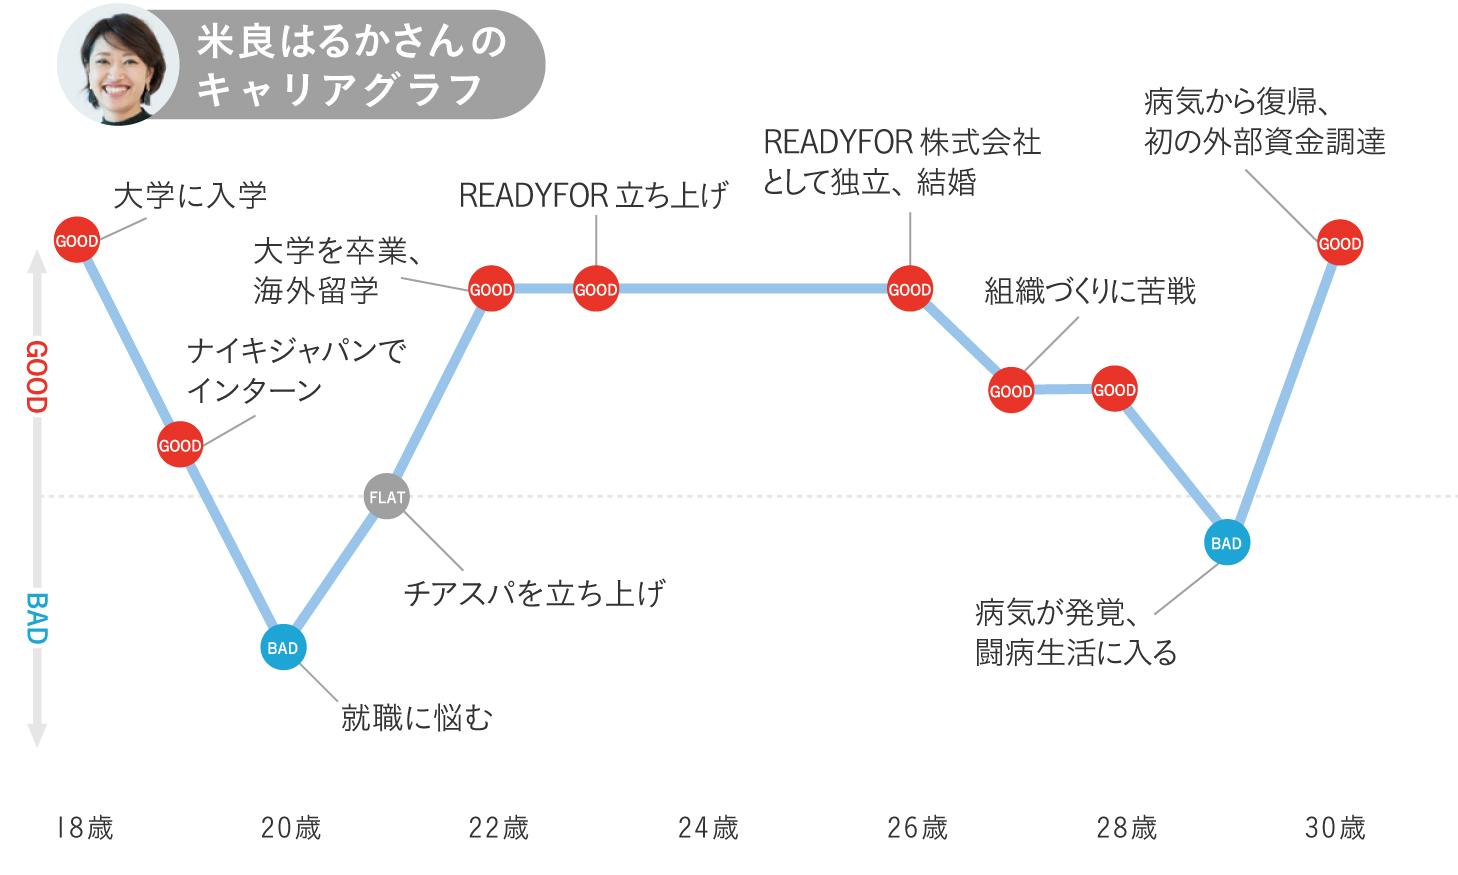 米良はるかのキャリアグラフ1